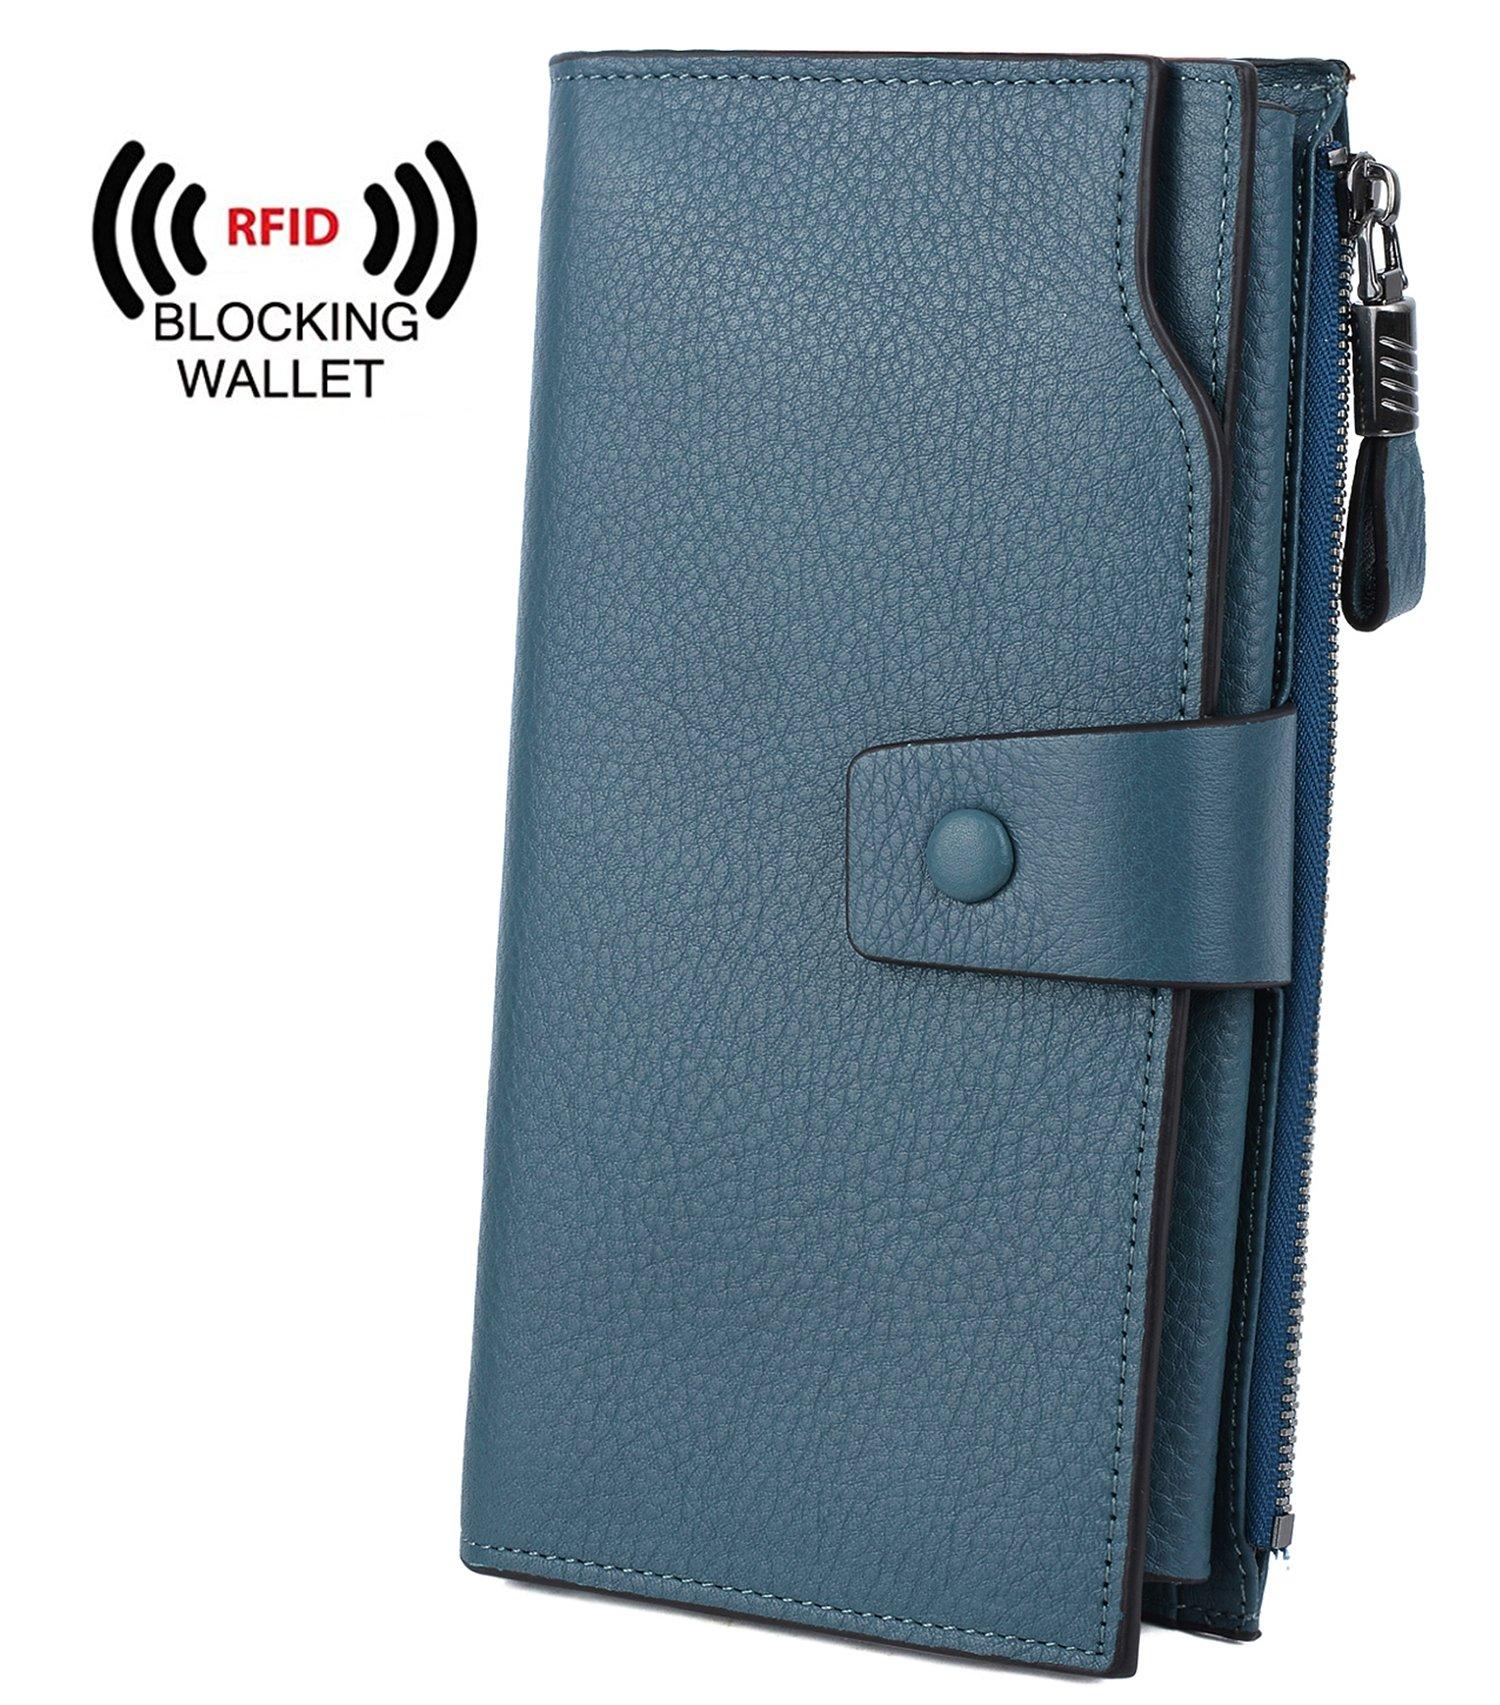 YALUXE Women's Wax Genuine Leather RFID Blocking Clutch Wallet Wallets for women Blue